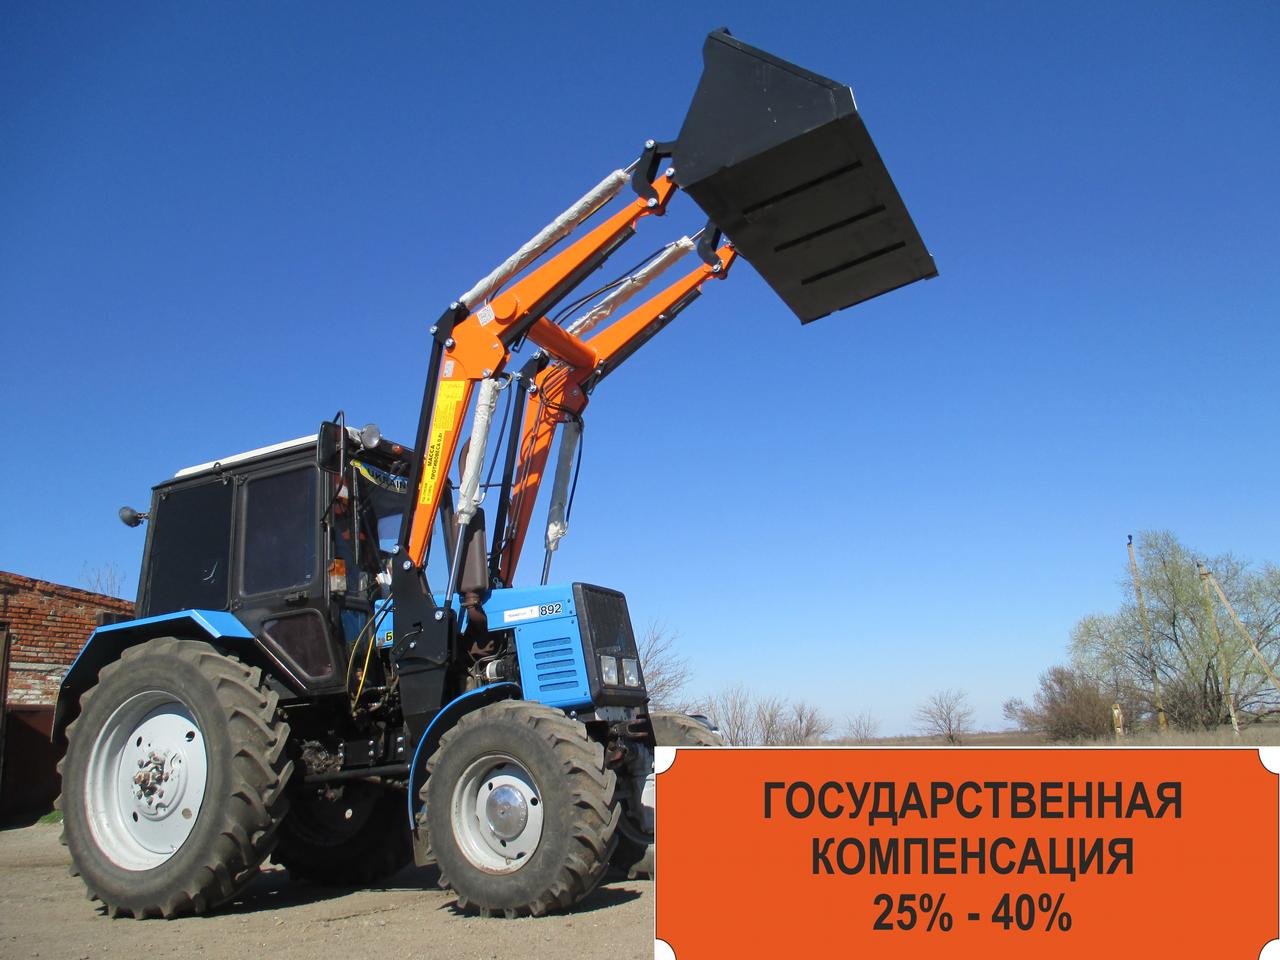 Погрузчик Фронтальный Быстросъёмный НТ-1500 КУН на МТЗ с ковшом 1,3